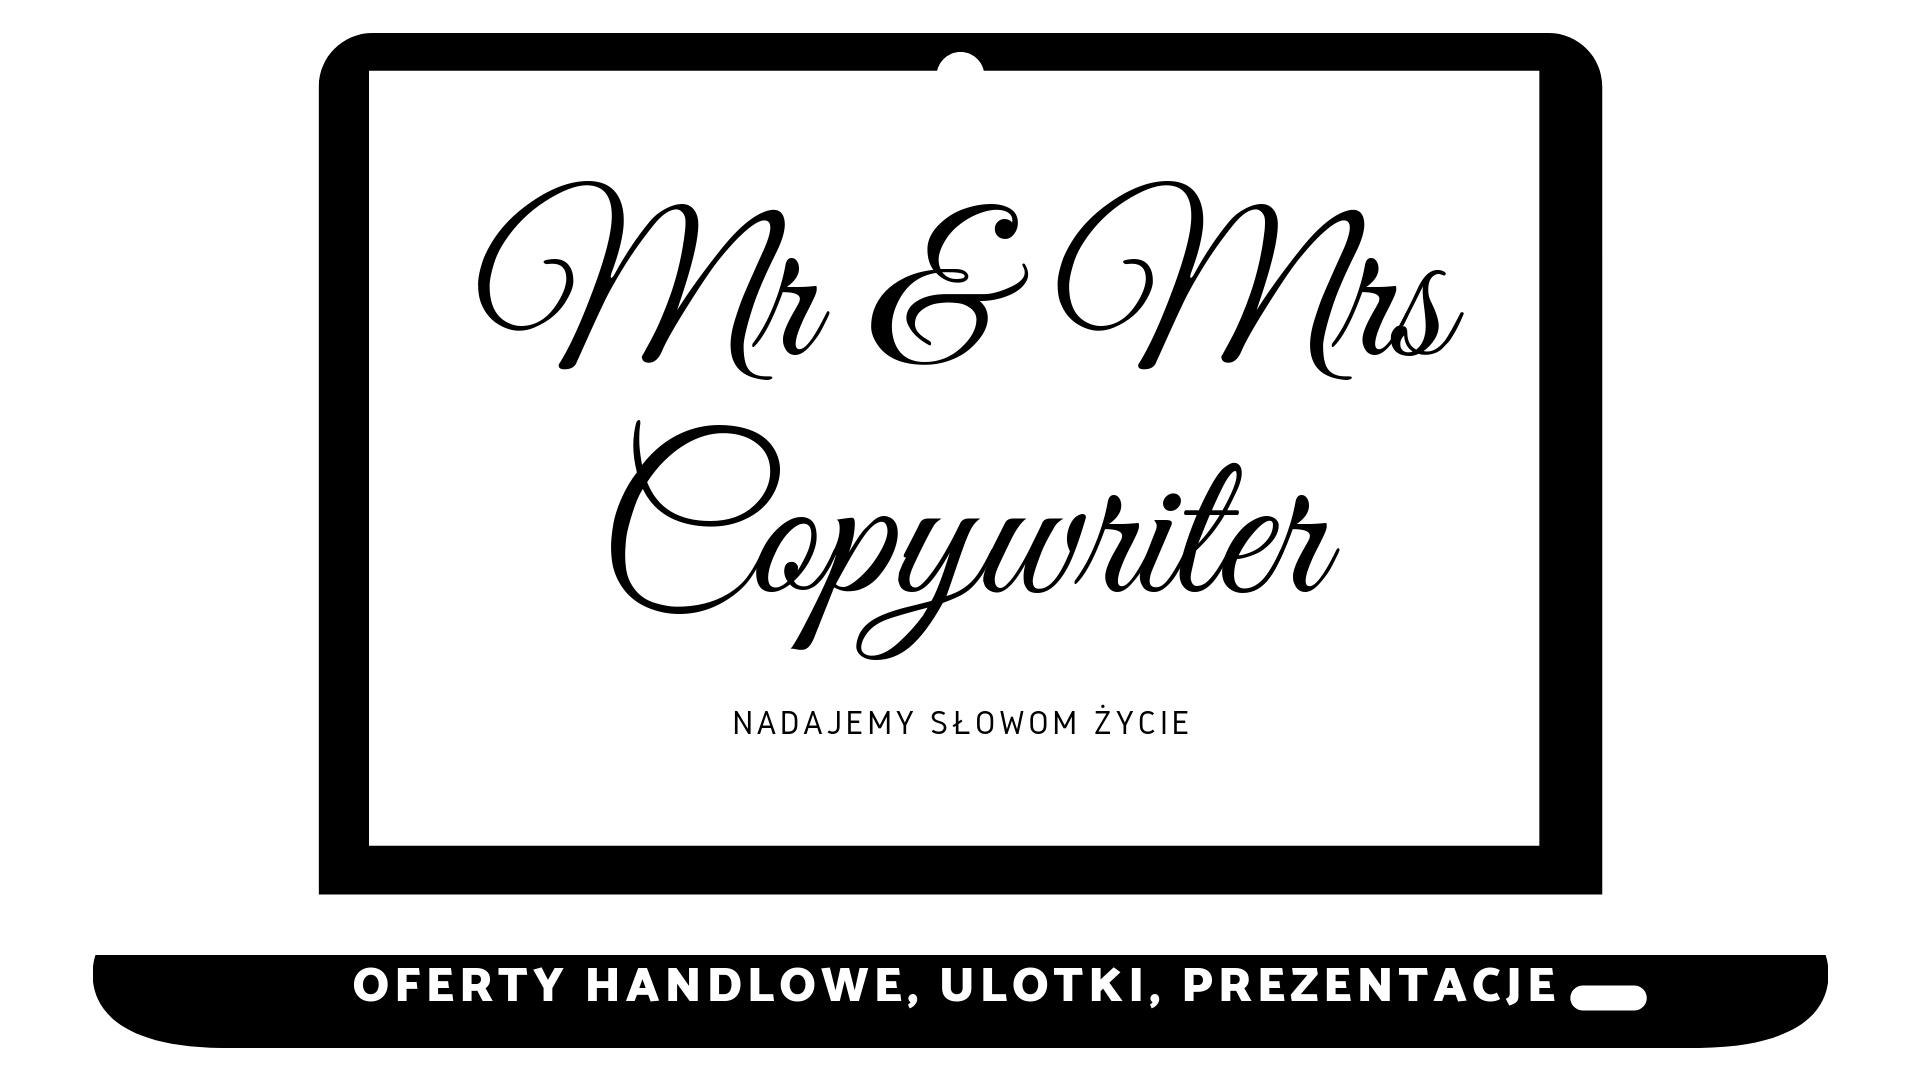 Oferty handlowe, ulotki, prezentacje, copywriter